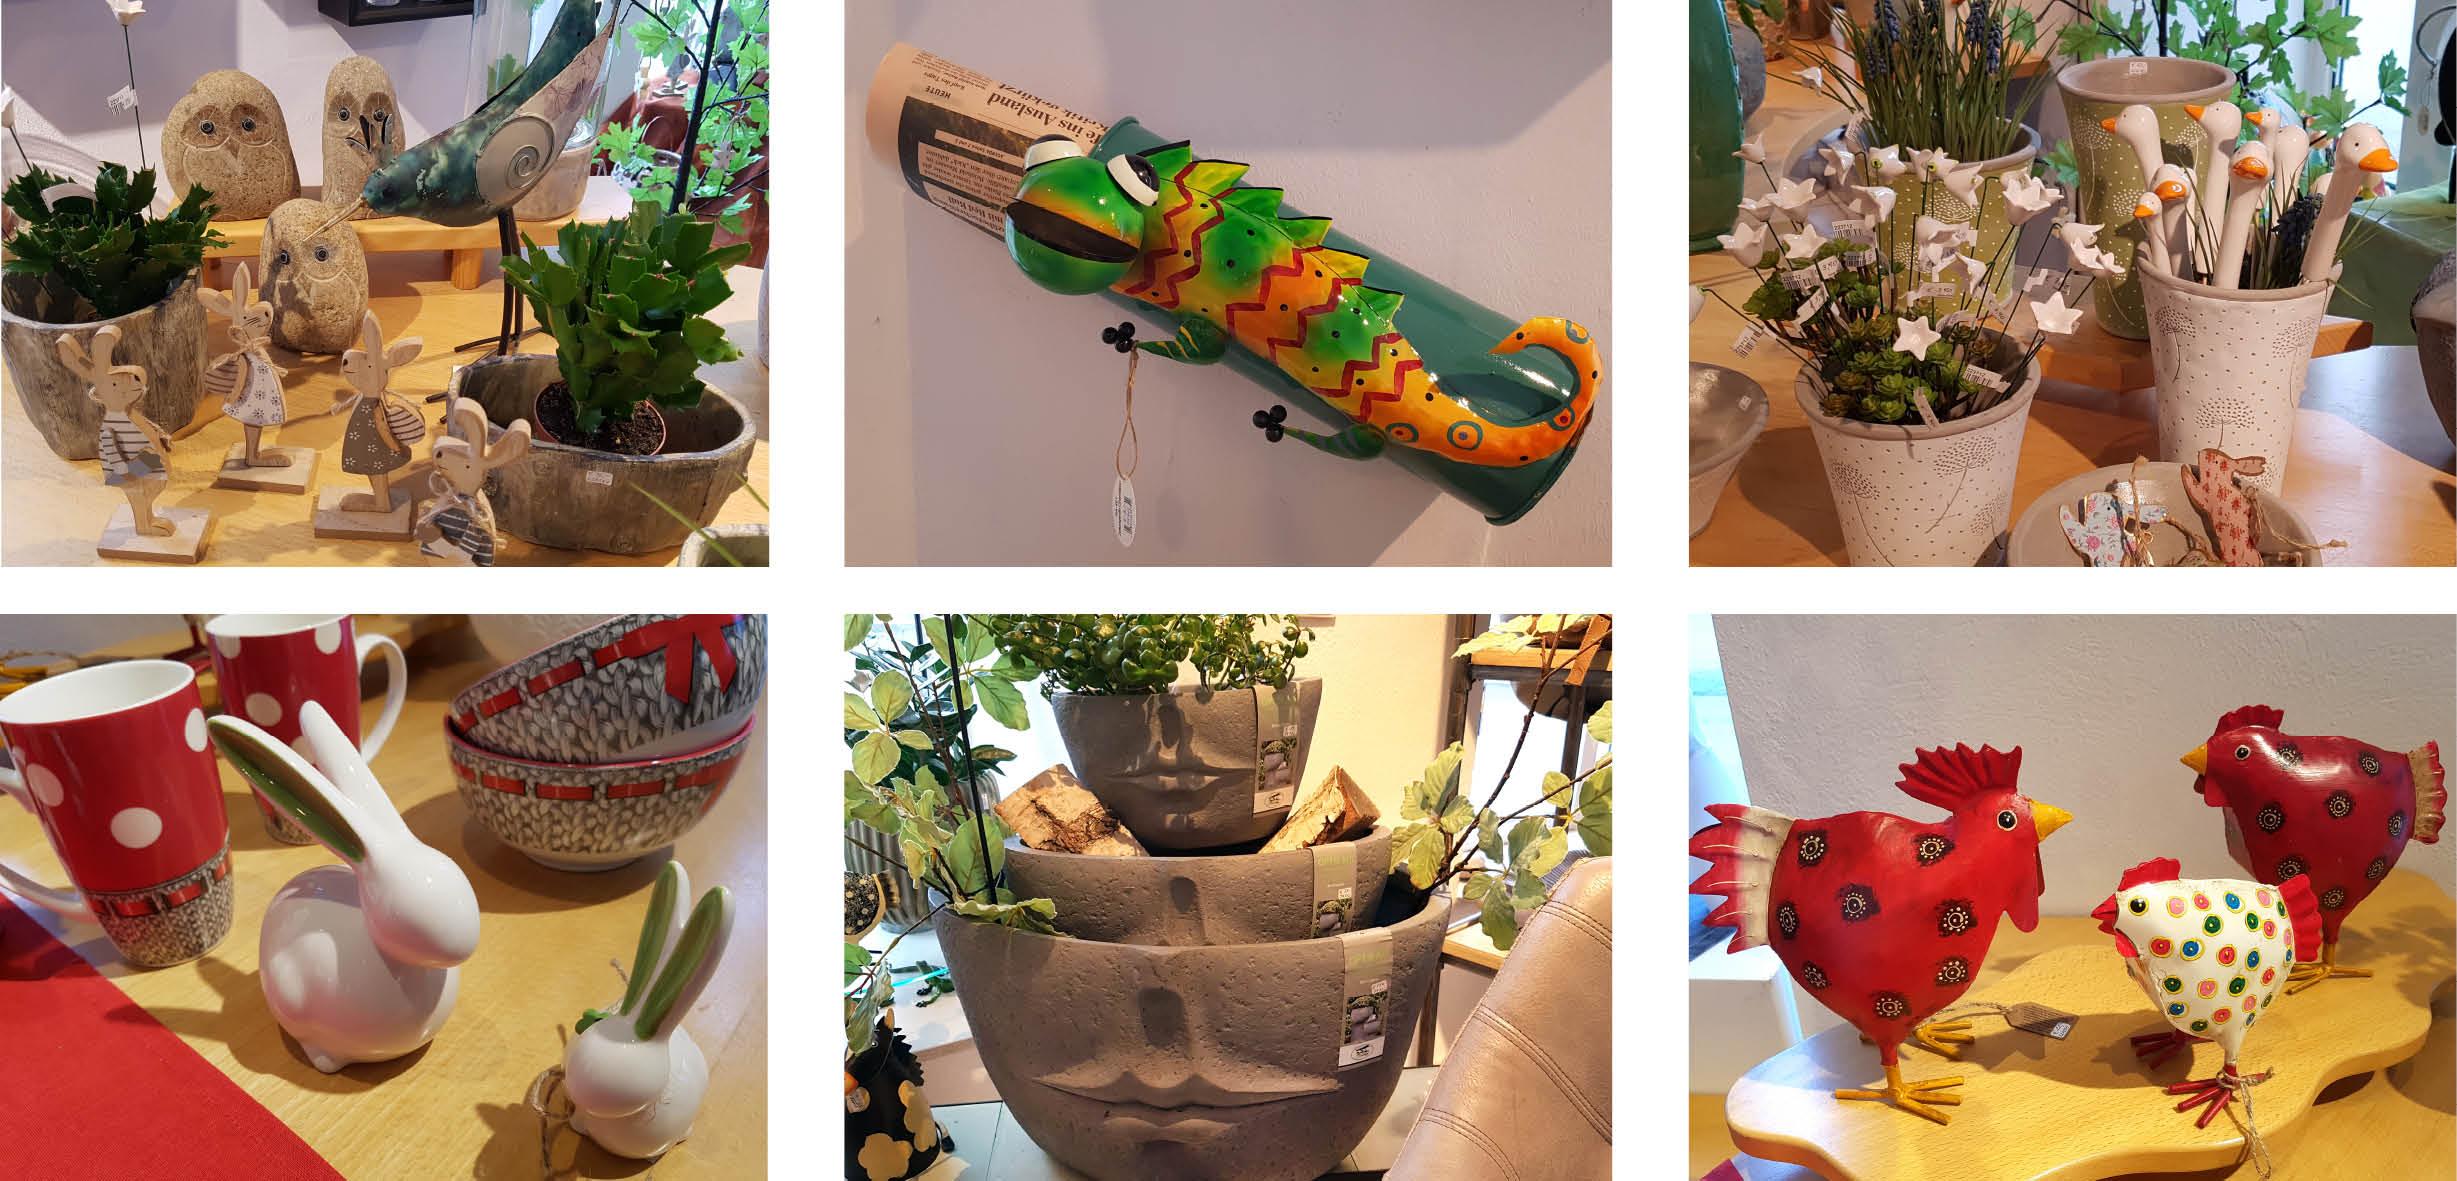 Pflanzgefäße, Gartenstecker, Zeitungsrollen, außergewöhnliche Mistkübel uvm....